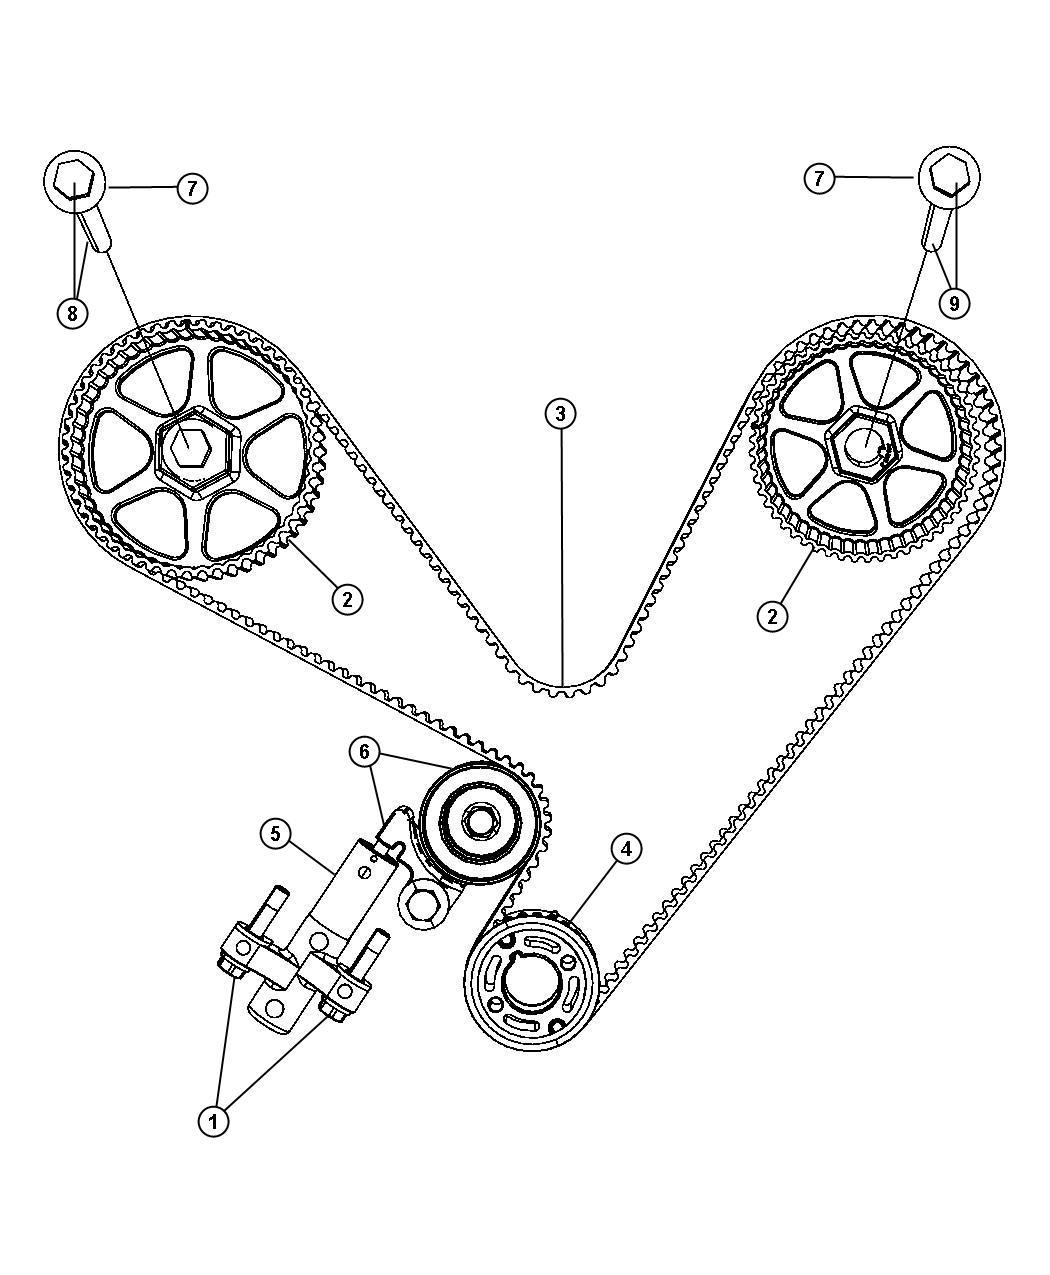 Chrysler 300 Gear Sprocket Crankshaft Timing Belt